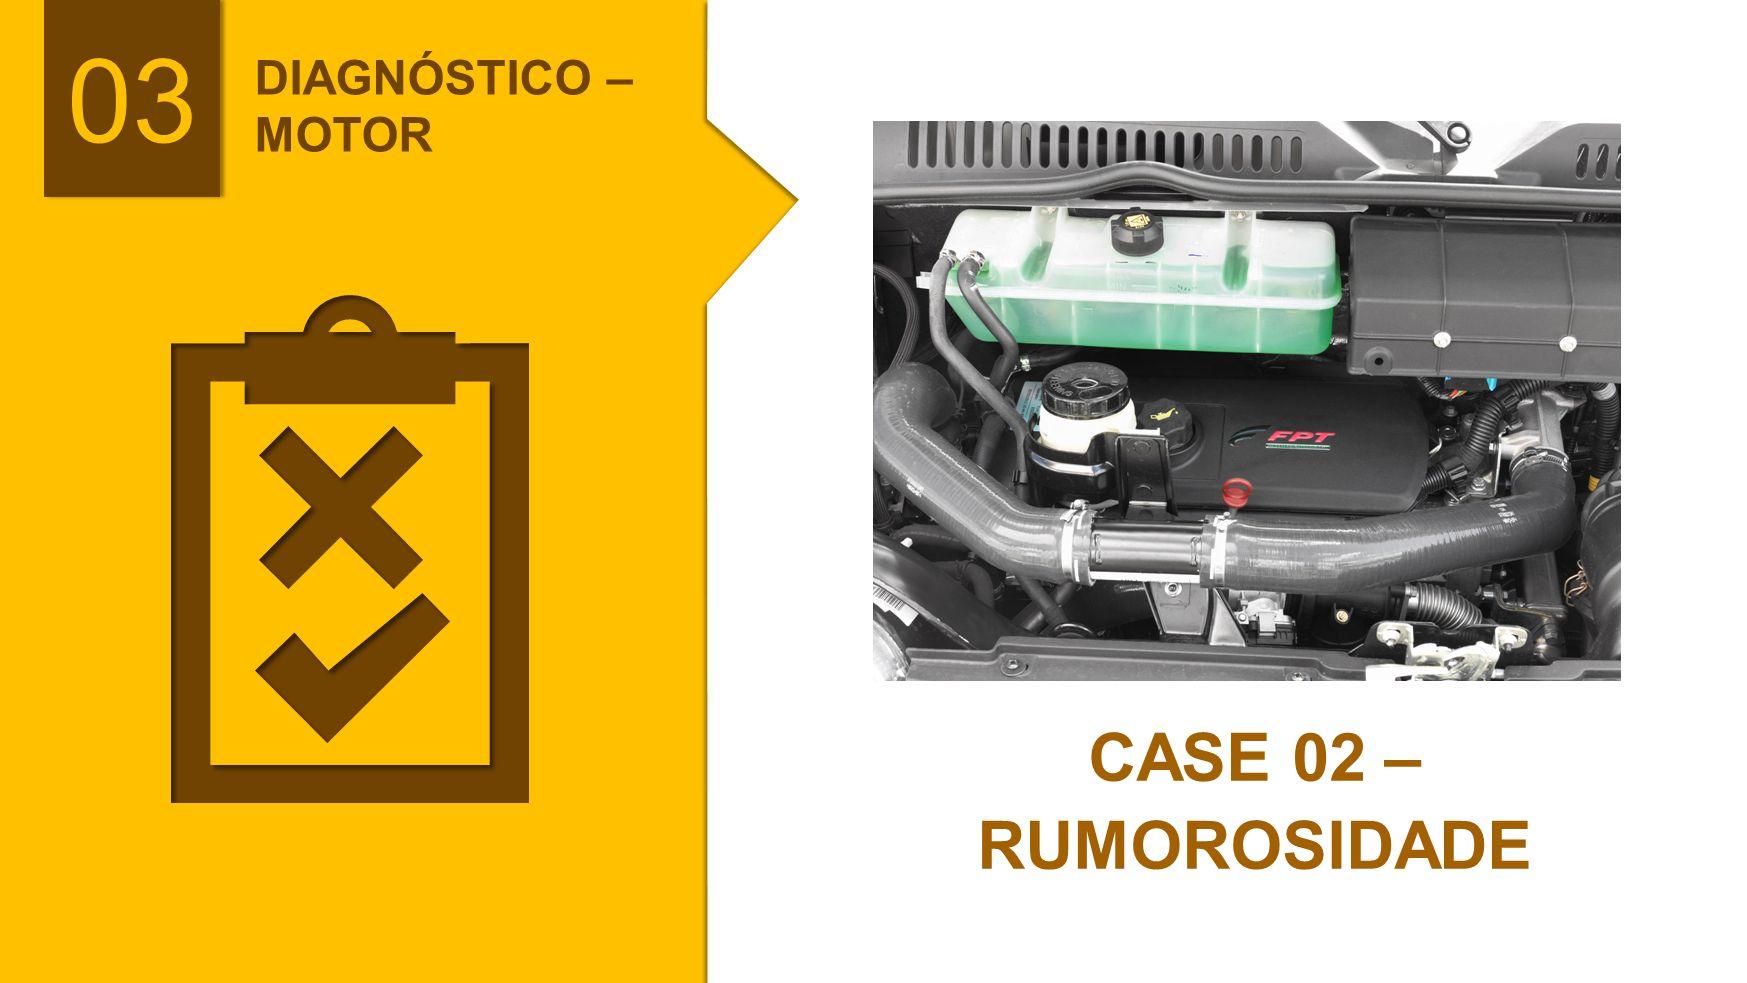 DIAGNÓSTICO – MOTOR CASE 02 – RUMOROSIDADE 03